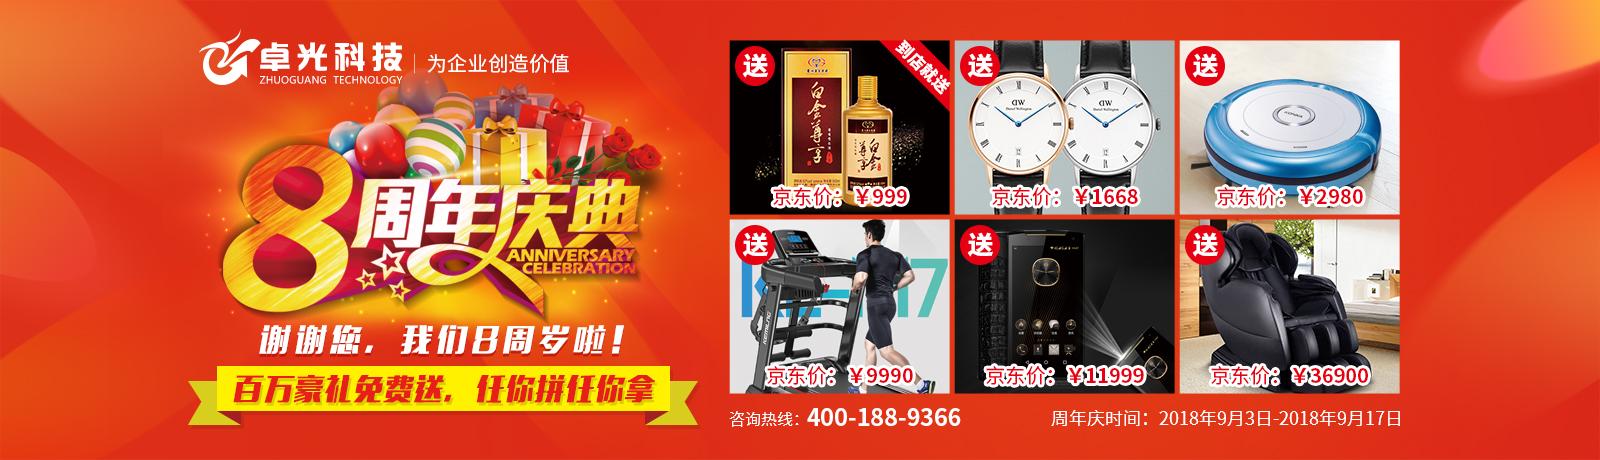 重庆网页设计有很多工作要做